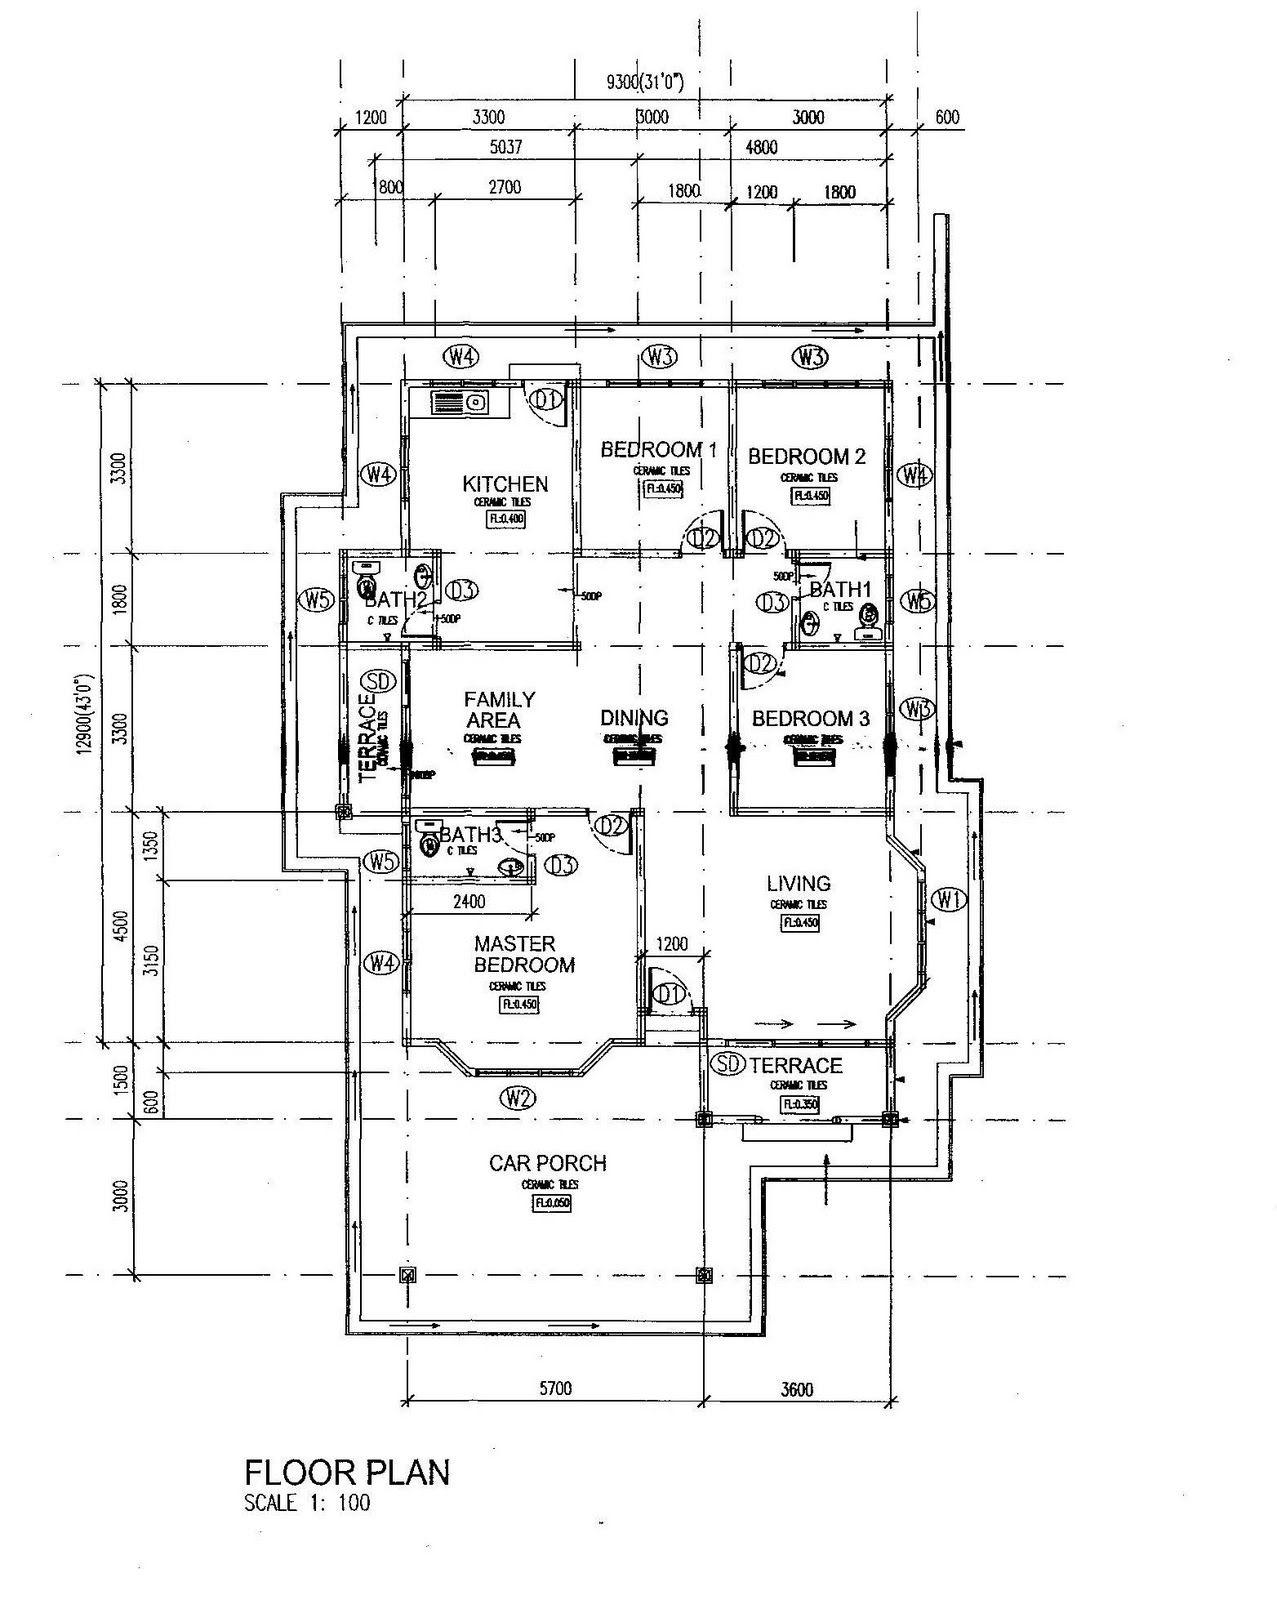 Pelan Lantai Rumah Banglo 2 Tingkat